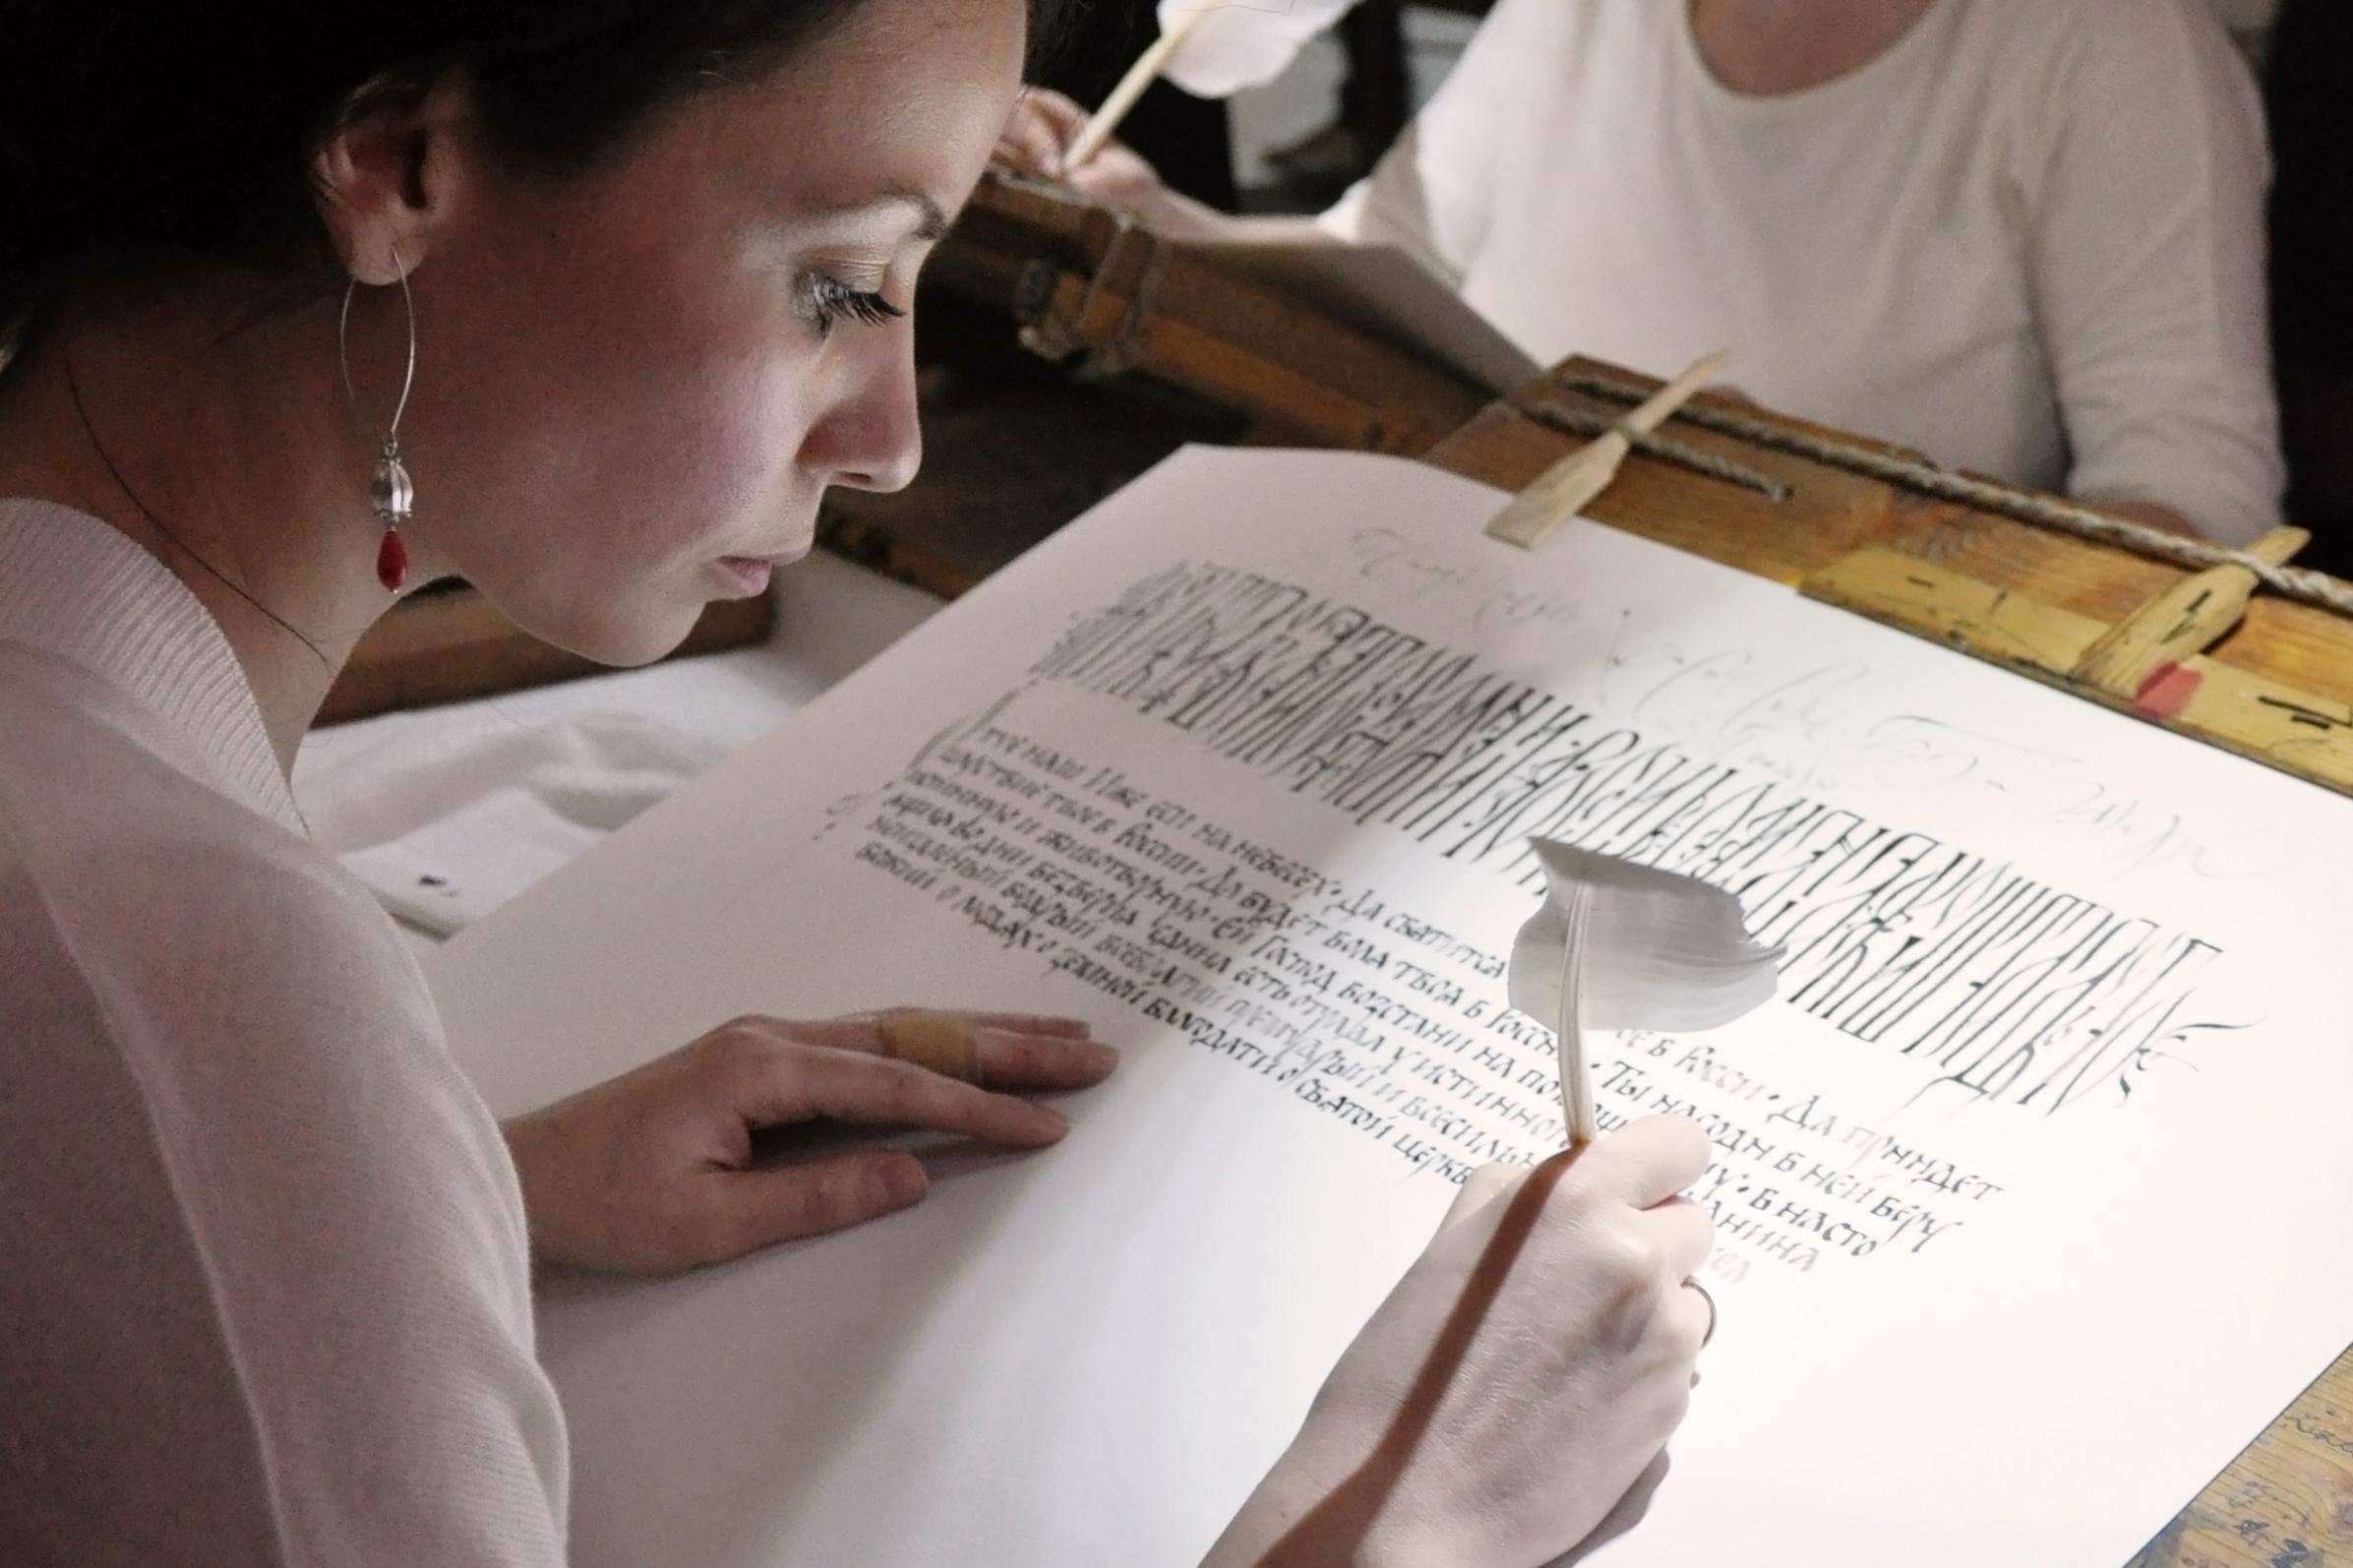 Tatiana Iakovleva working on her calligraphy